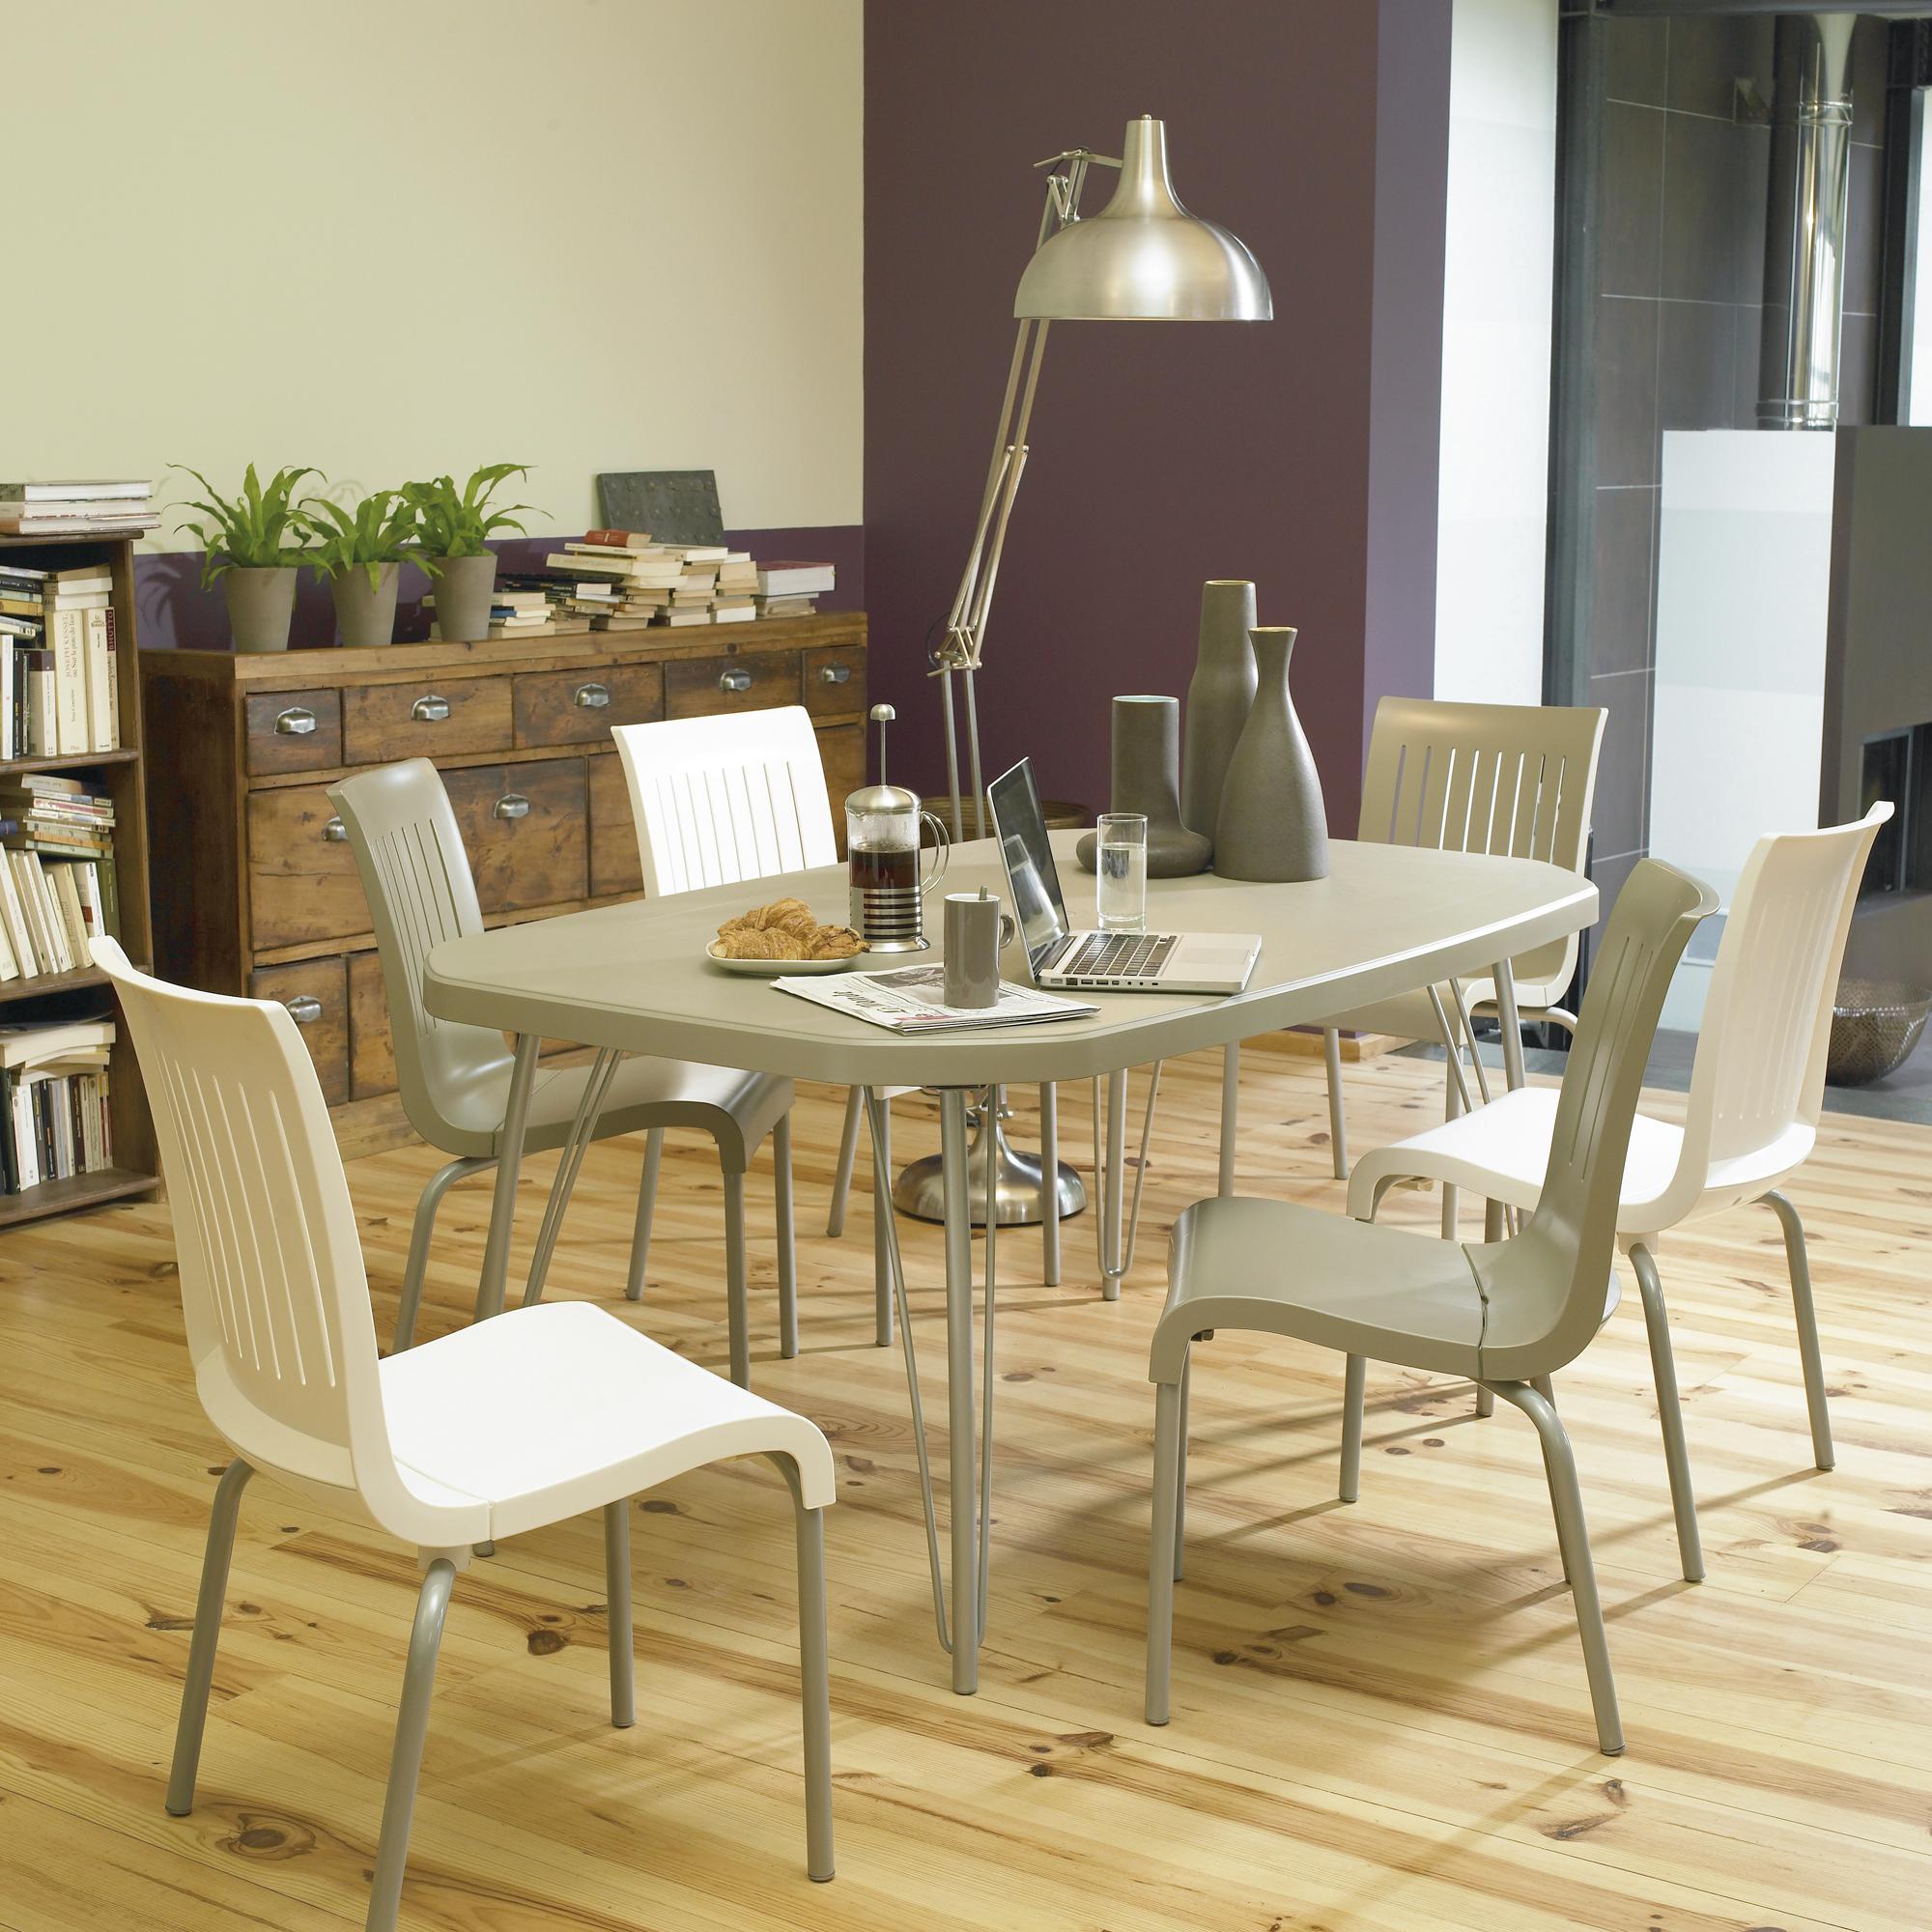 Table la maison de valerie table fl taupe 4 chaises grosfillex prix 169 99 euros ventes - Table 4 chaises pas cher ...